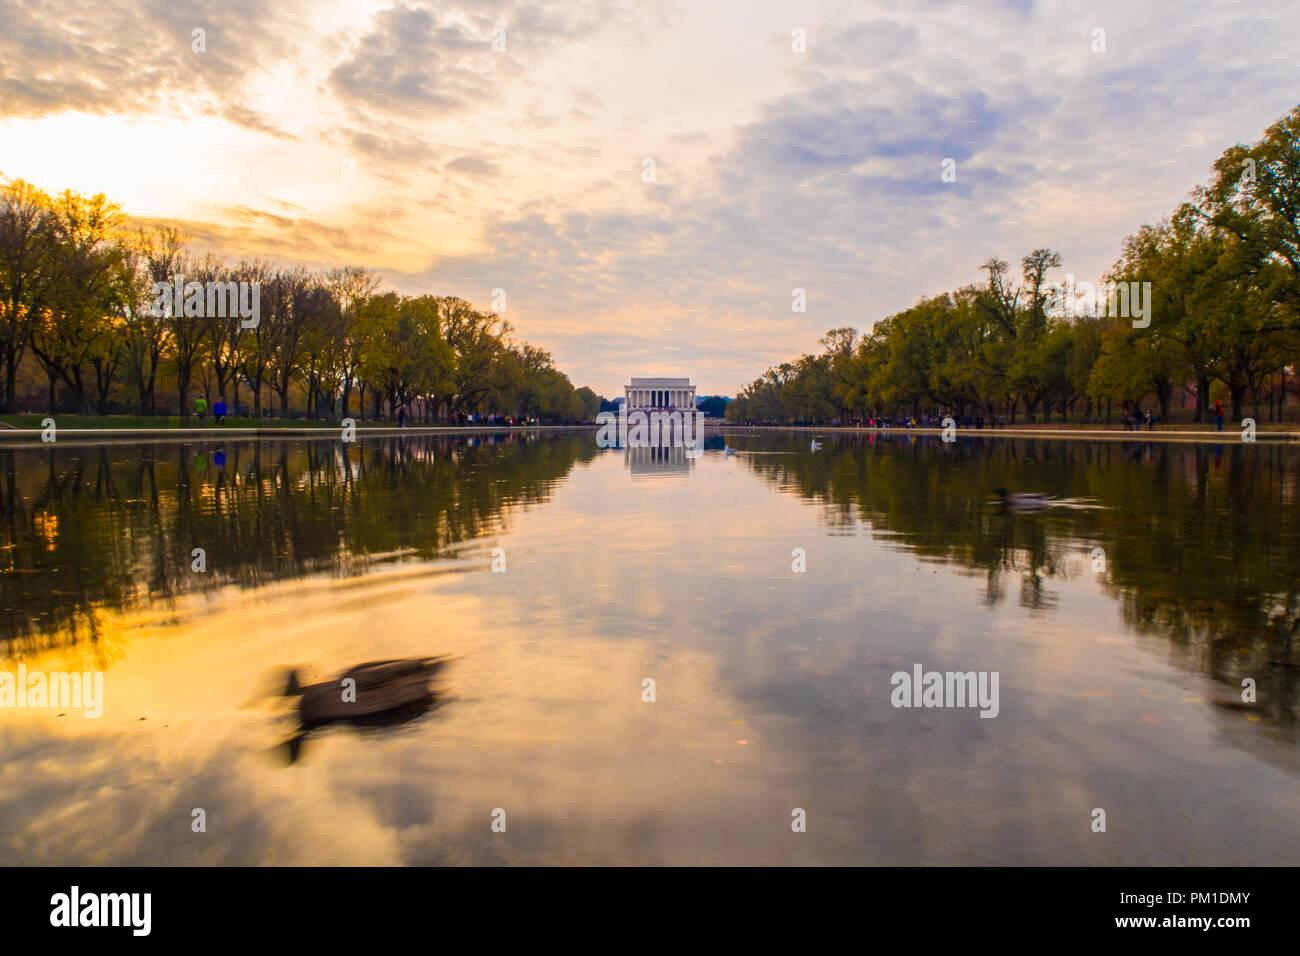 El Abraham Lincoln Memorial desde el otro lado de la piscina reflectante. Washington DC, Estados Unidos. Una vista del Lincoln Memorial desde el otro lado de la piscina reflectante. Imagen De Stock